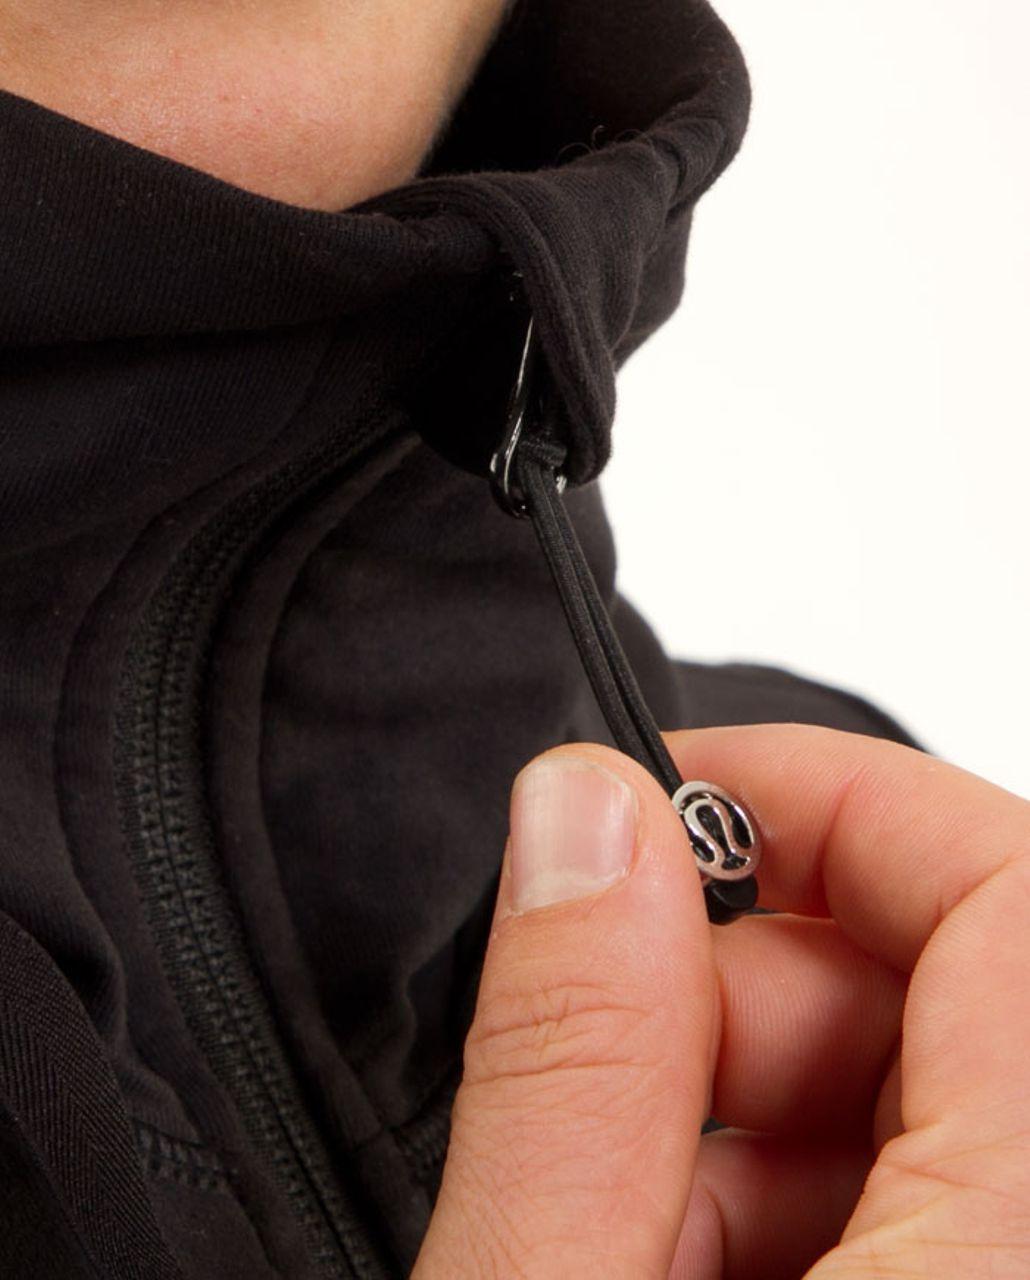 Lululemon Stride Jacket - Black Glacier Lace Embossed /  Black